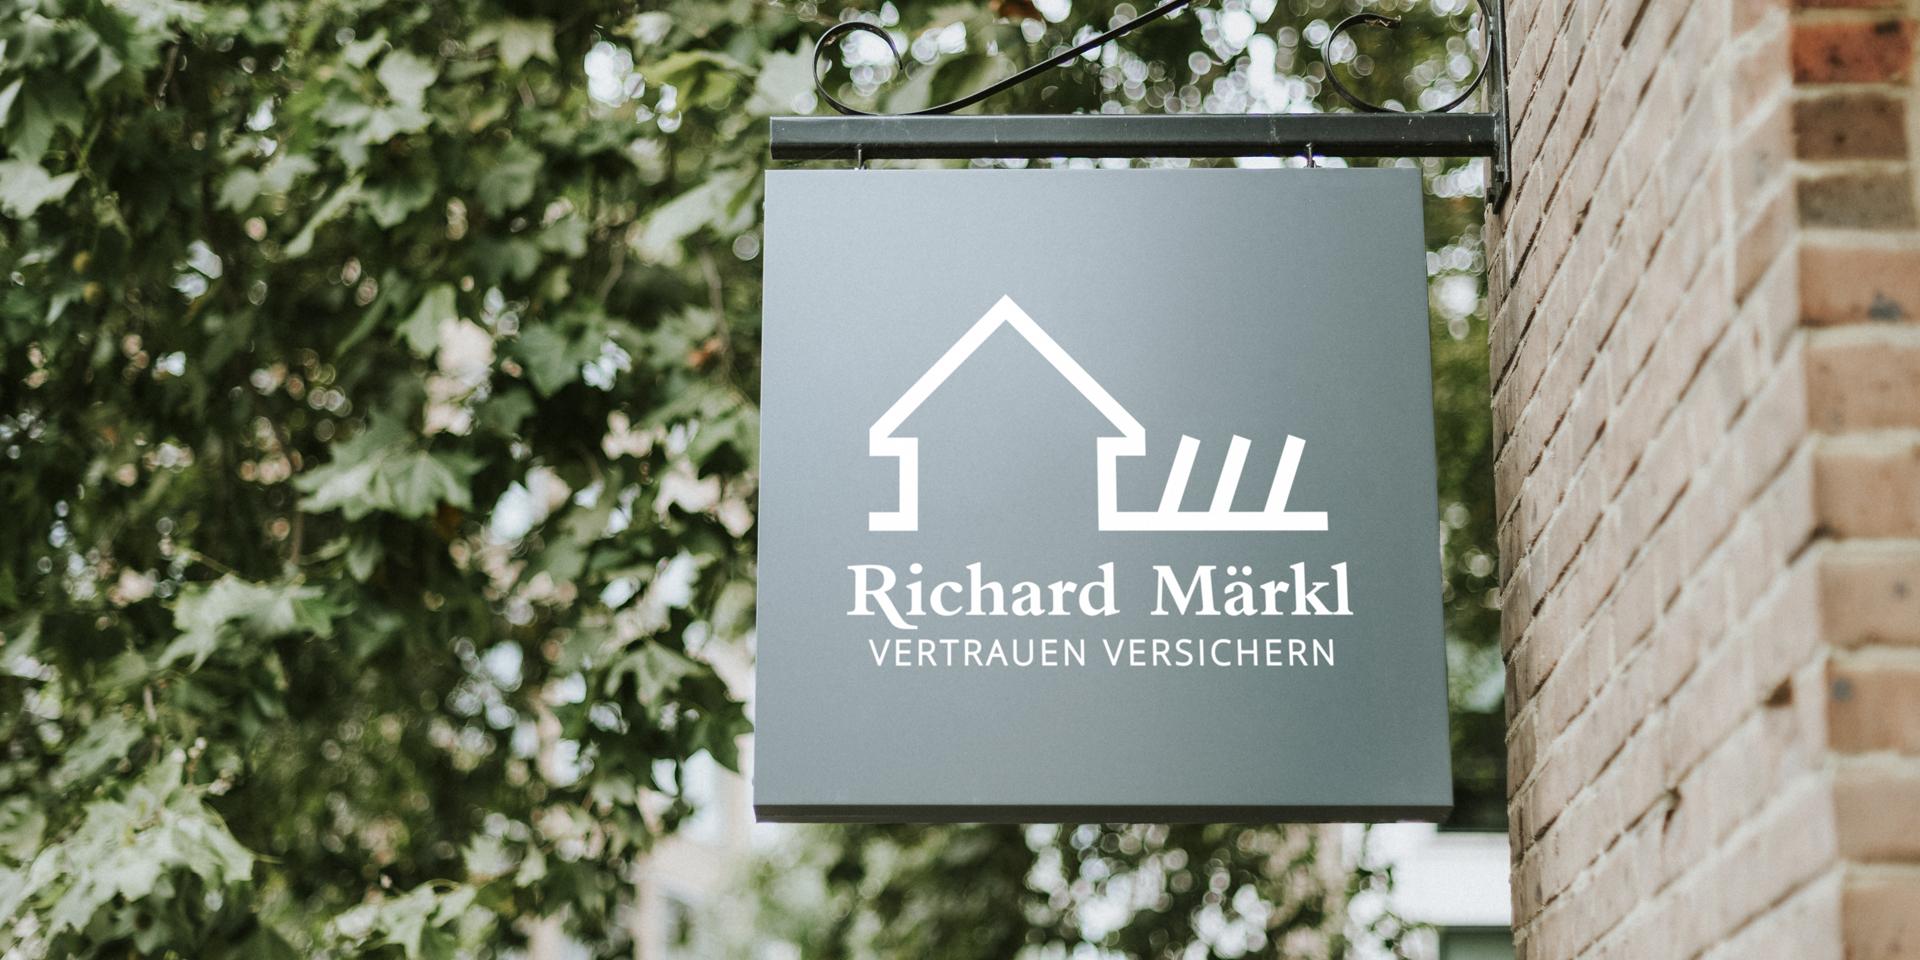 Logogestaltung für Richard Märkl von Ricco Stange